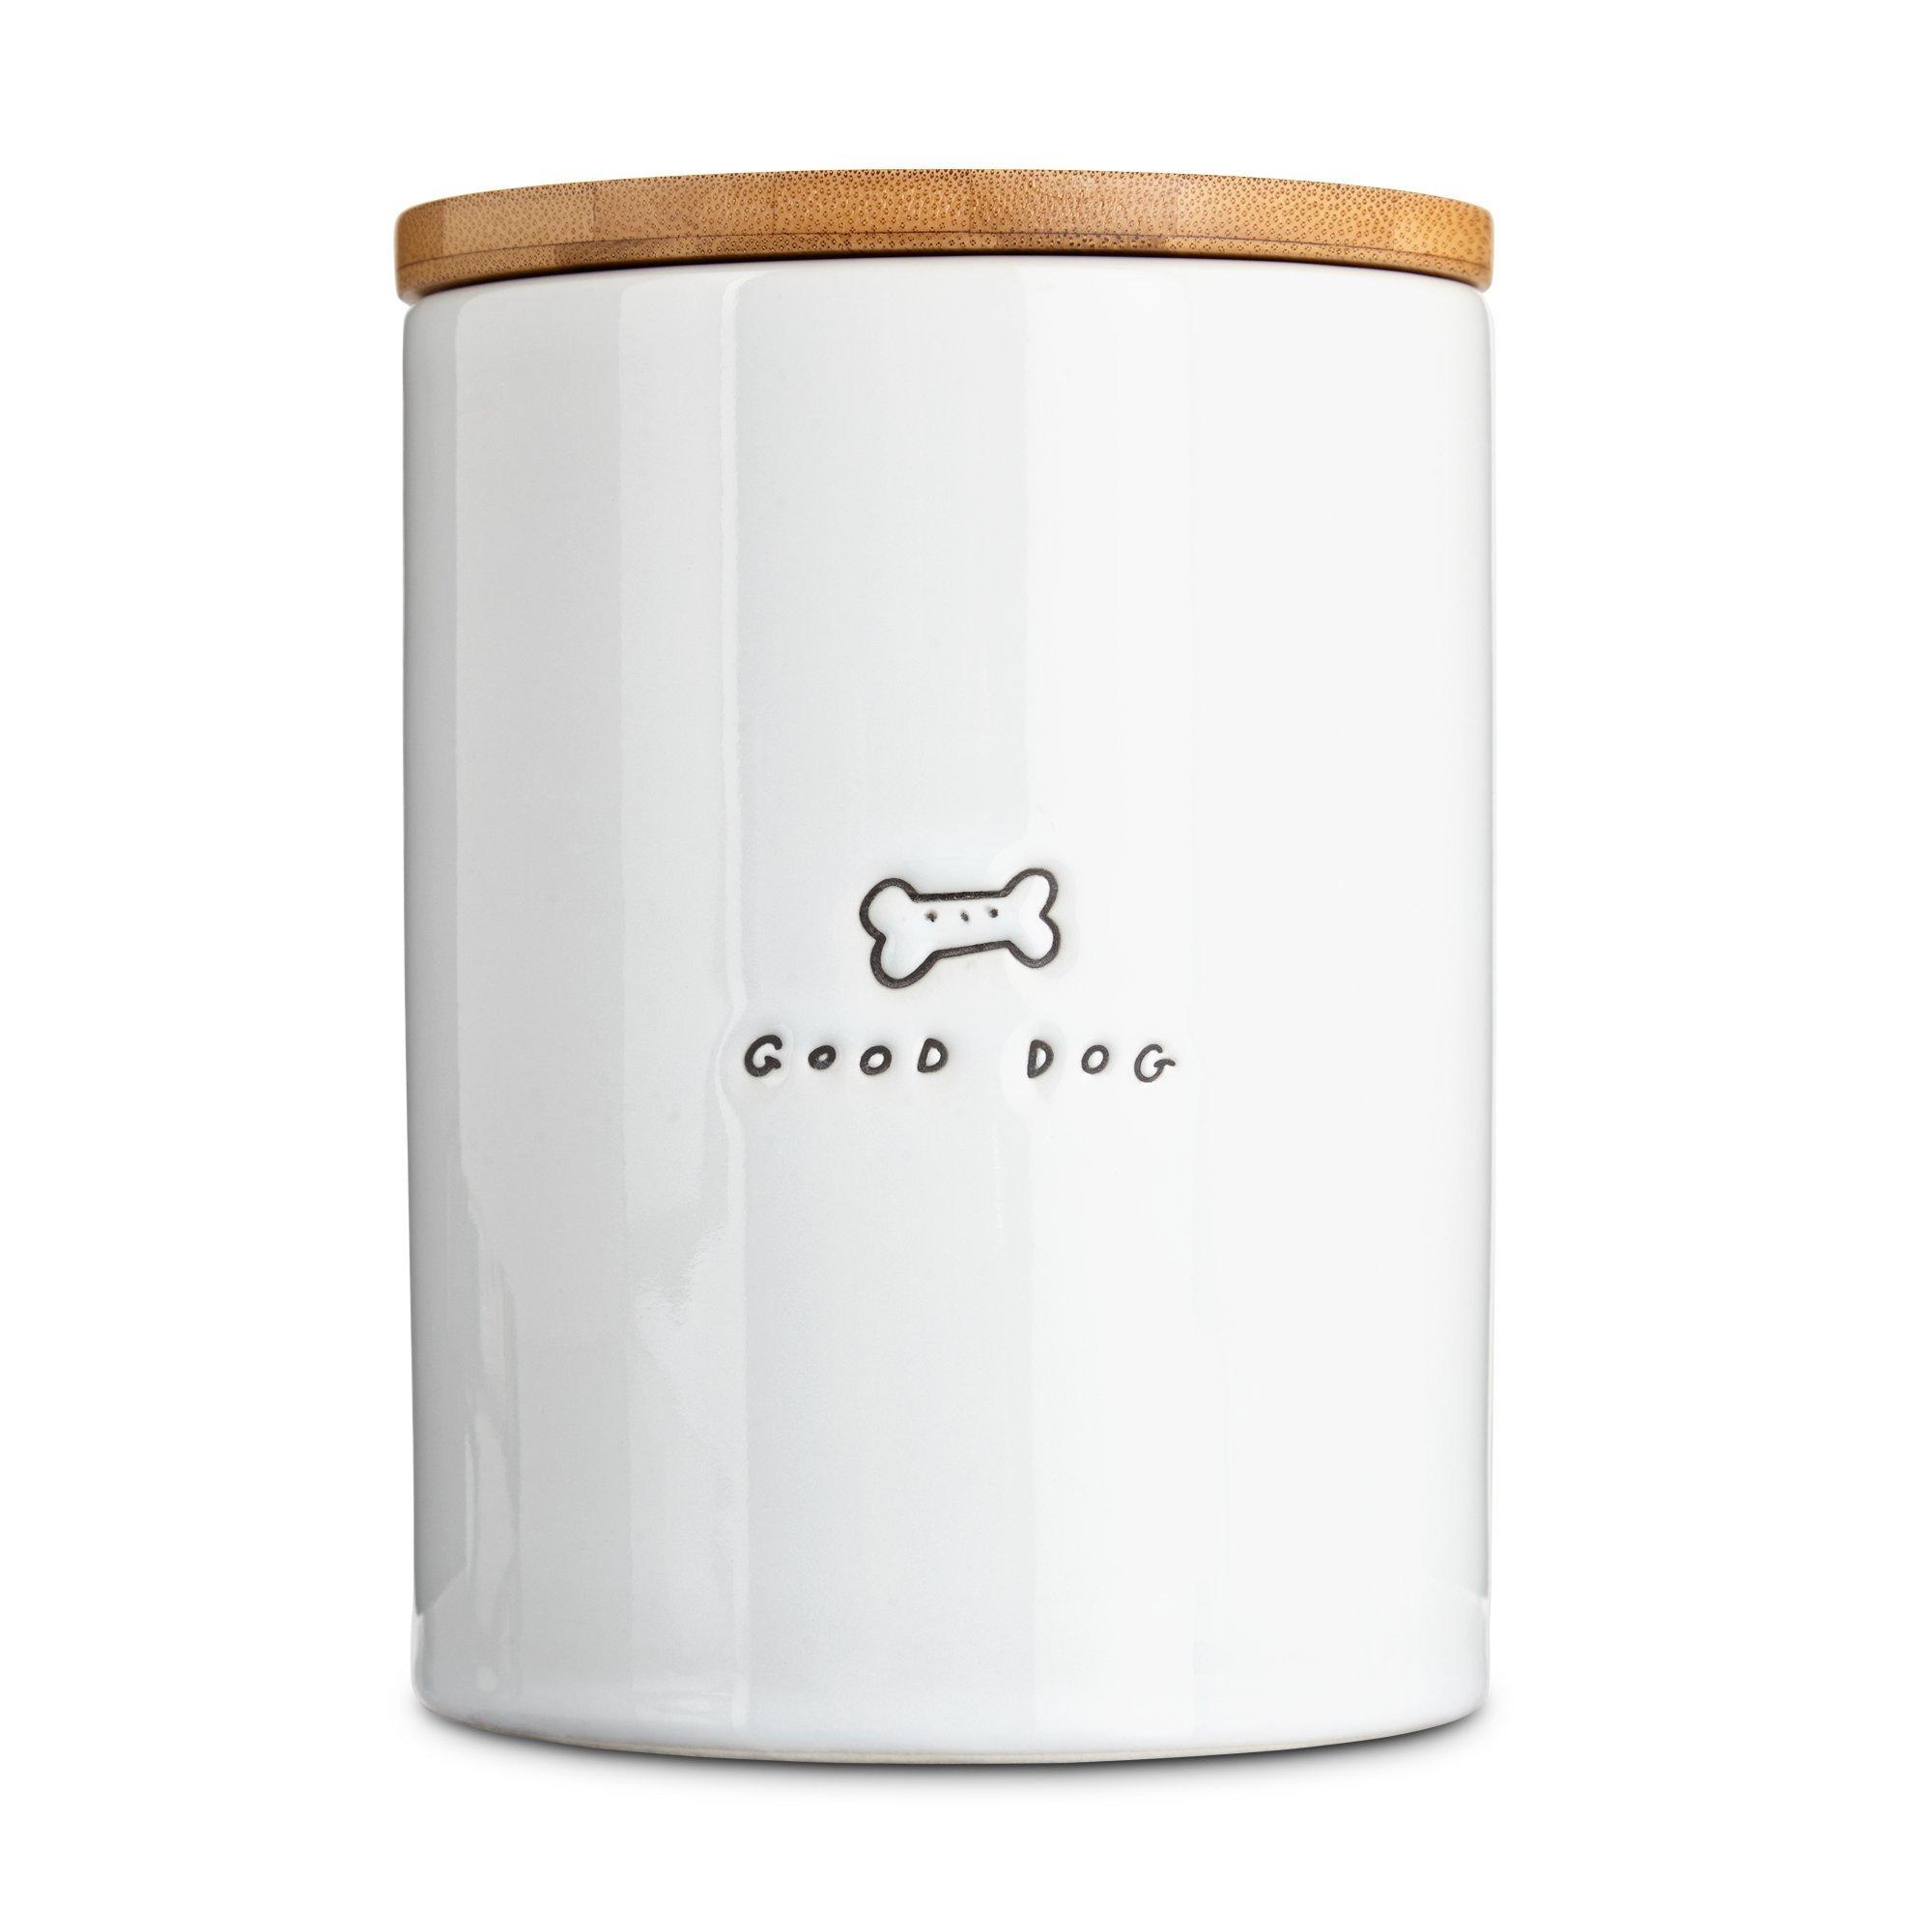 Harmony Good Dog Ceramic Dog Treat Jar, Large, White / Natural Wood